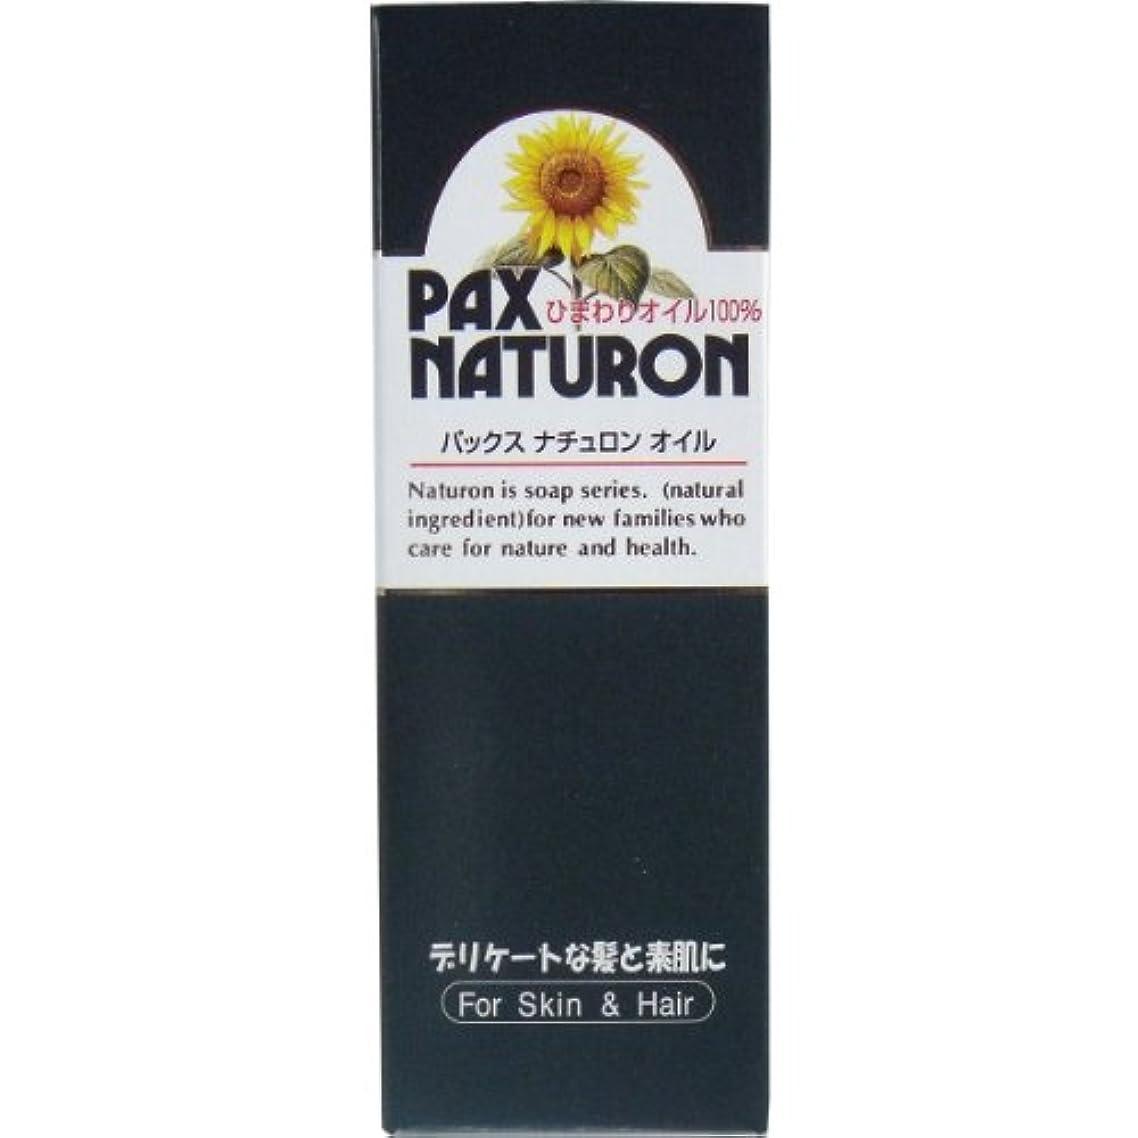 調子有毒な報いるパックスナチュロン オイル (ひまわりオイル100%) 60mL 太陽油脂